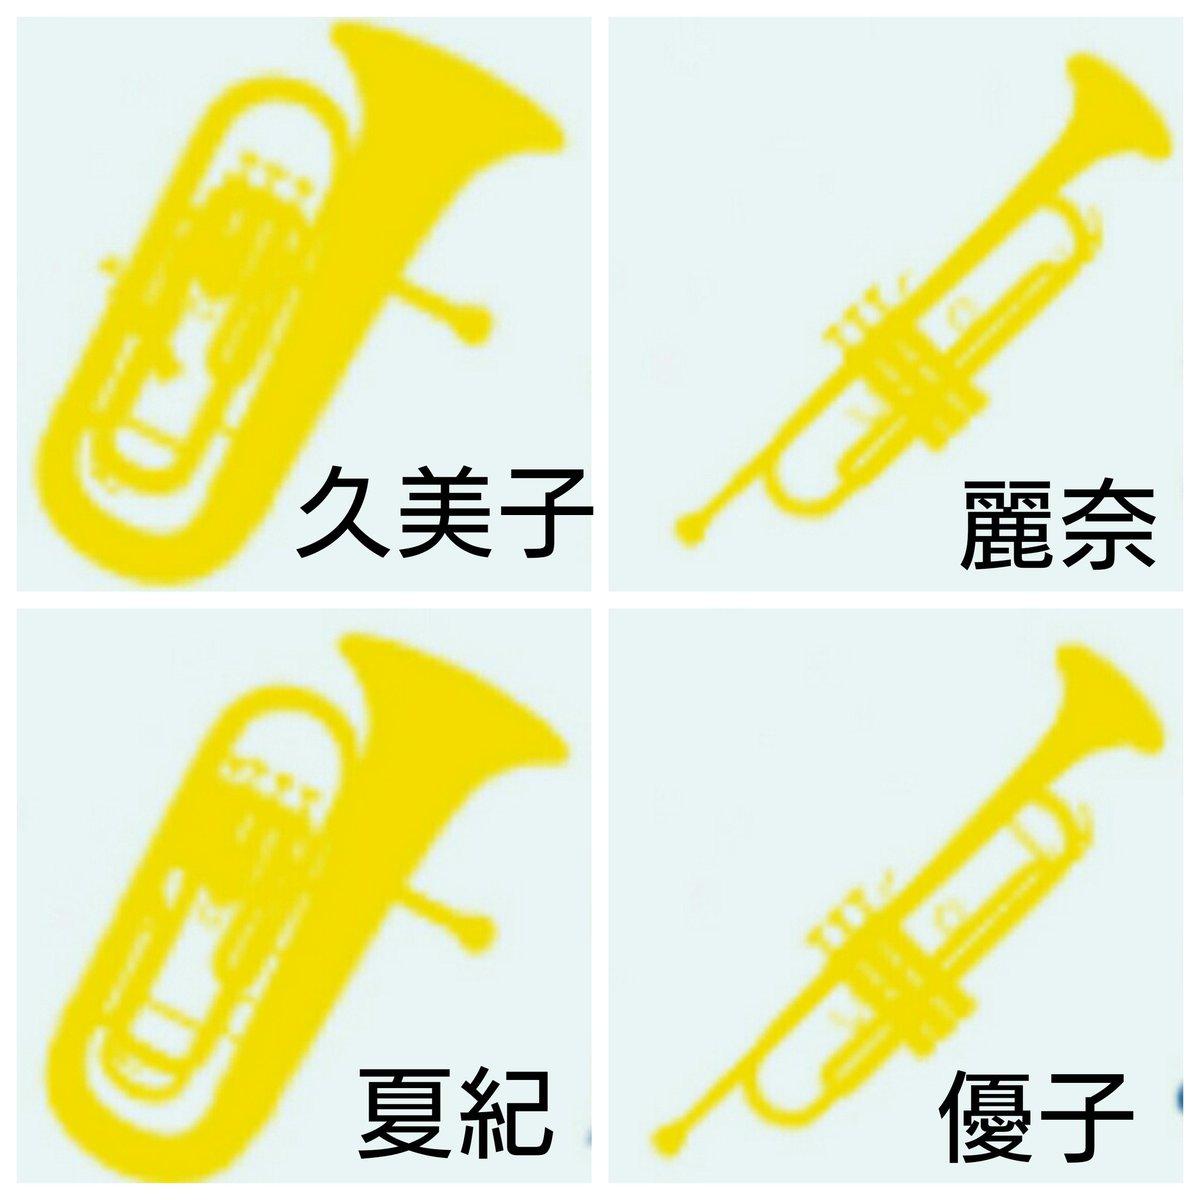 ユーフォ3巻何がすごいって、裏表紙の楽器が、ちゃんとなつきパイセンとゆうこパイセンの楽器になってるって事1巻は久美子と麗